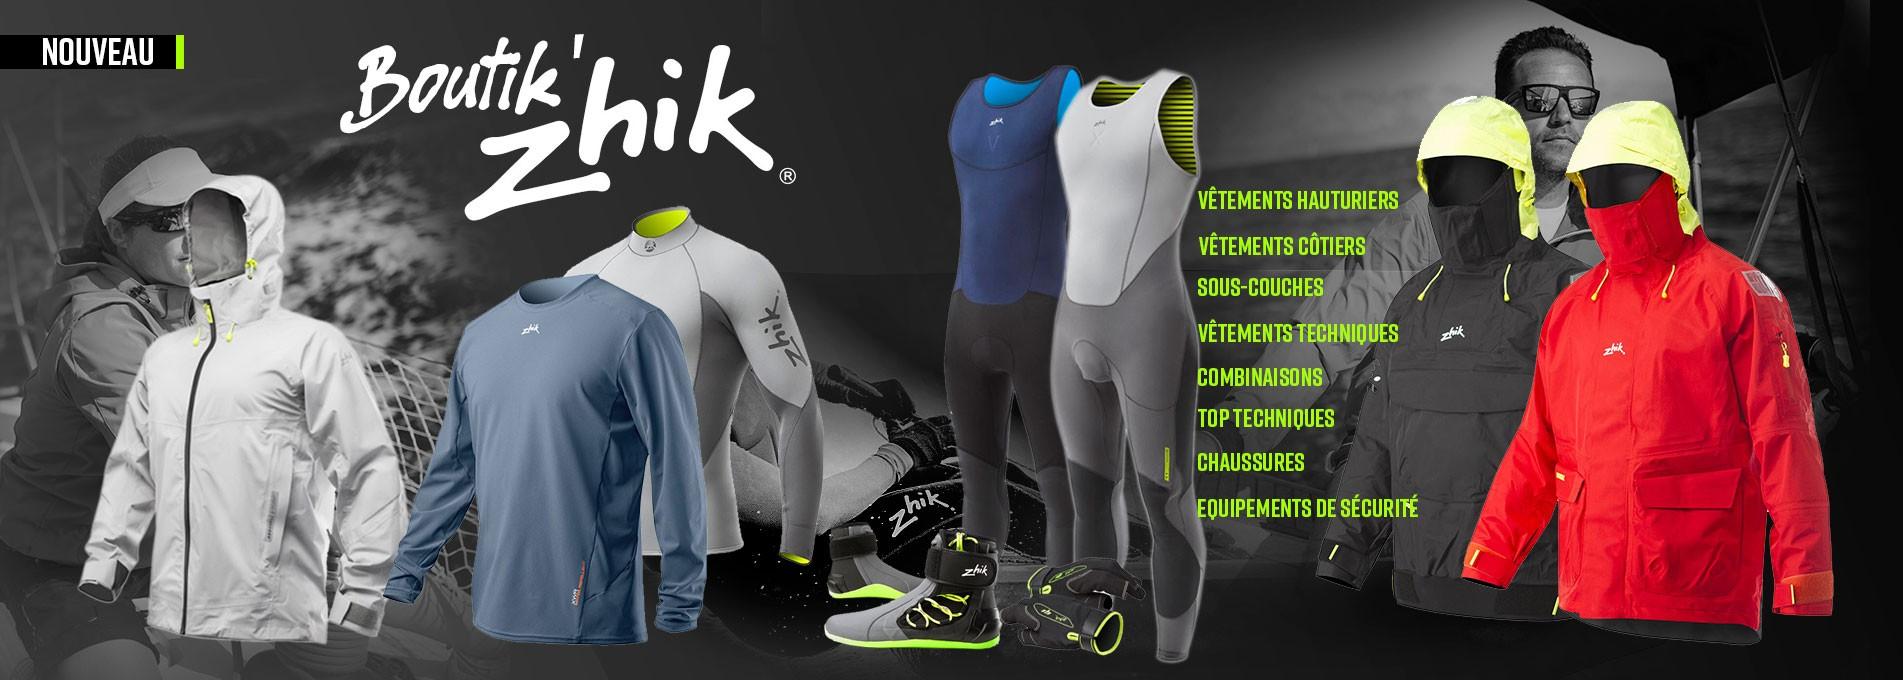 La Boutique des produits Zhik